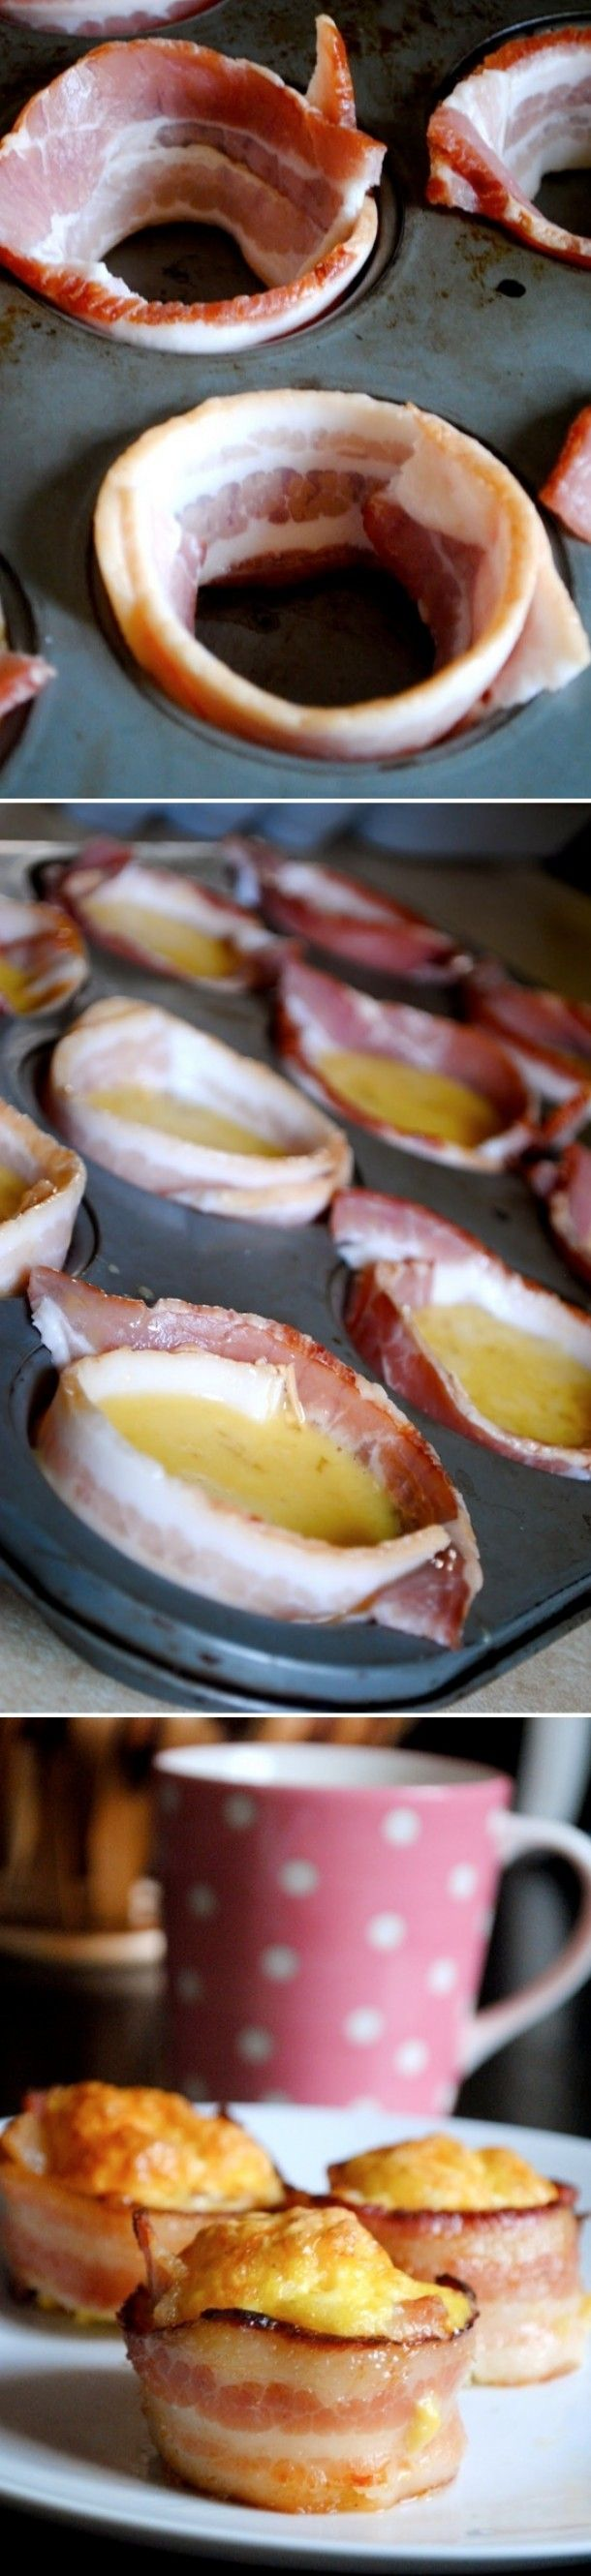 bacon inn een muffin vorm. Geklutst ei er in en hup de oven in. 10 minuten op 180 graden